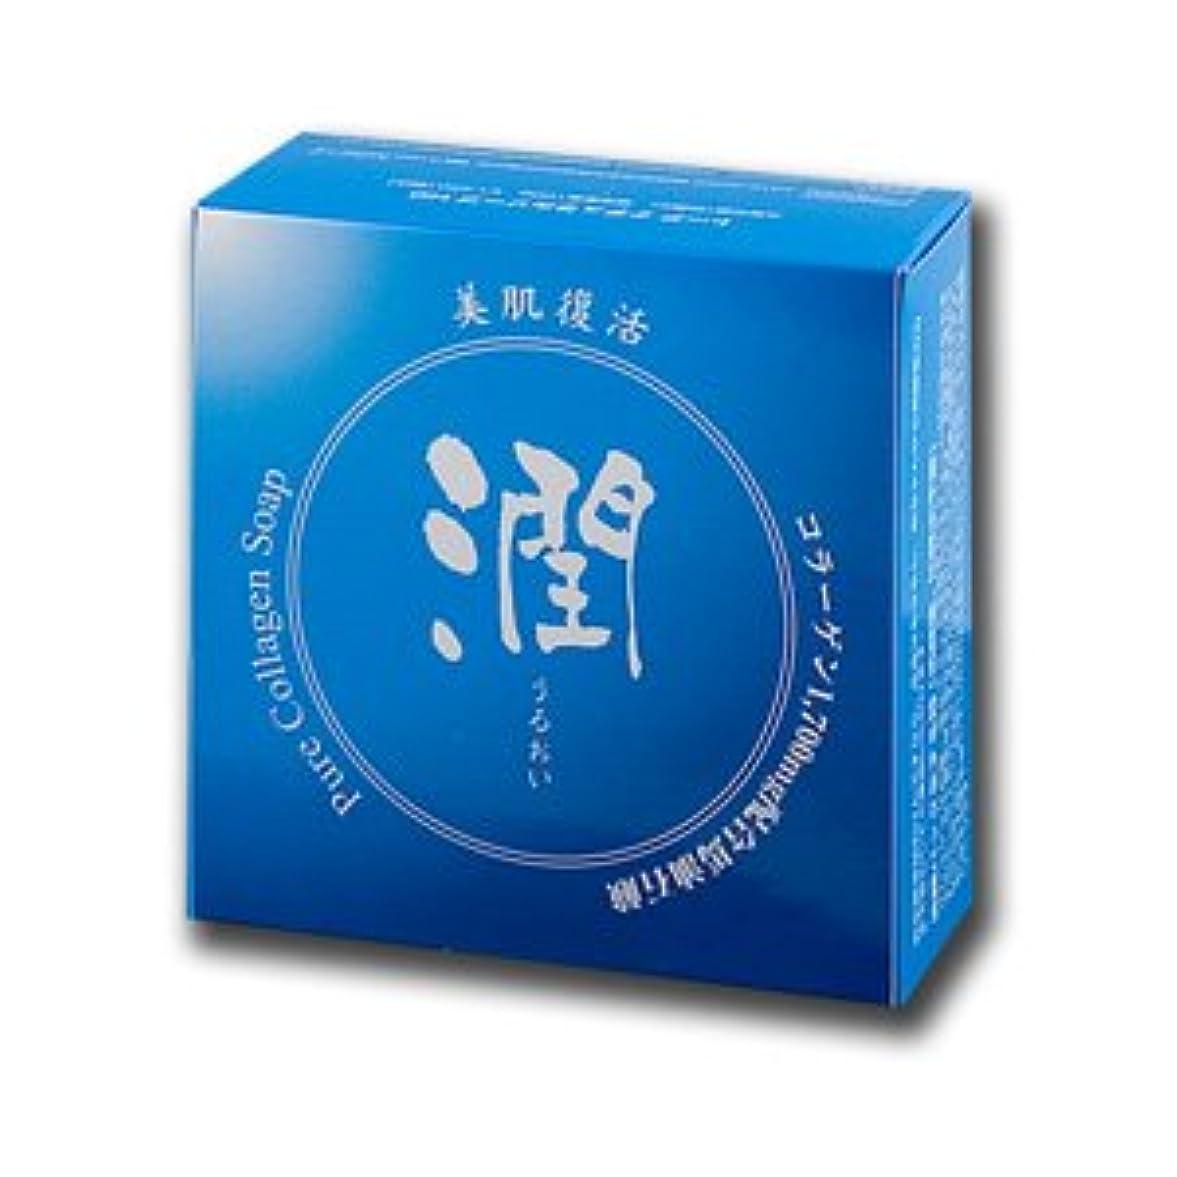 買収アプライアンスしっかりコラーゲン馬油石鹸 潤 100g (#800410) ×3個セット